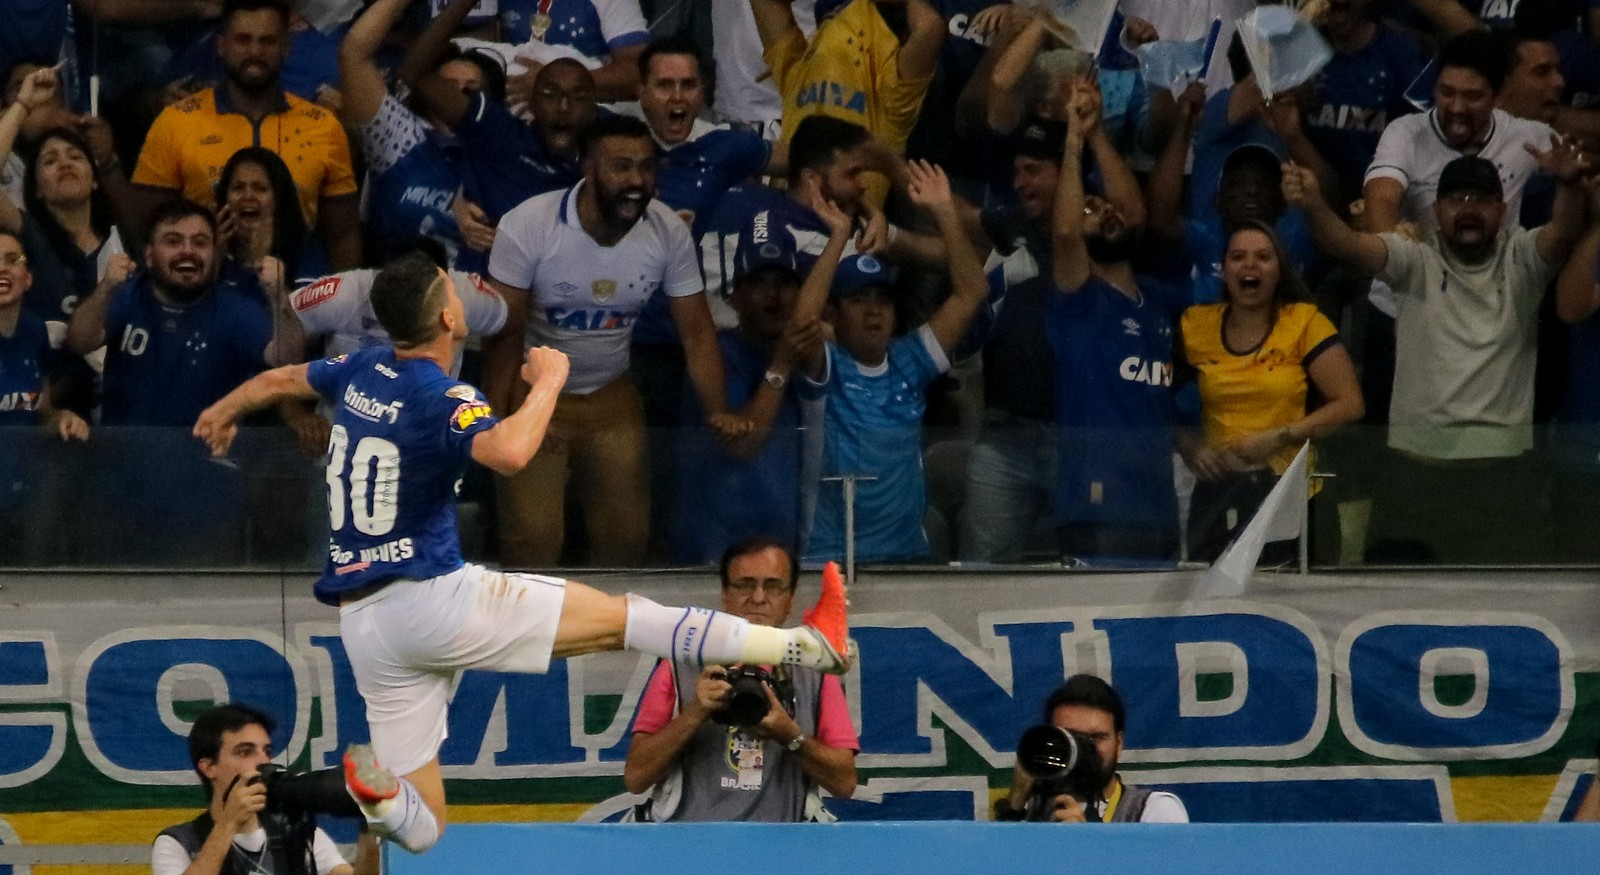 496c289c20 Thiago Neves mostrou poder de decisão e marcou o gol da vitória do Cruzeiro  sobre o Corinthians no primeiro jogo da final da Copa do Brasil de 2018.